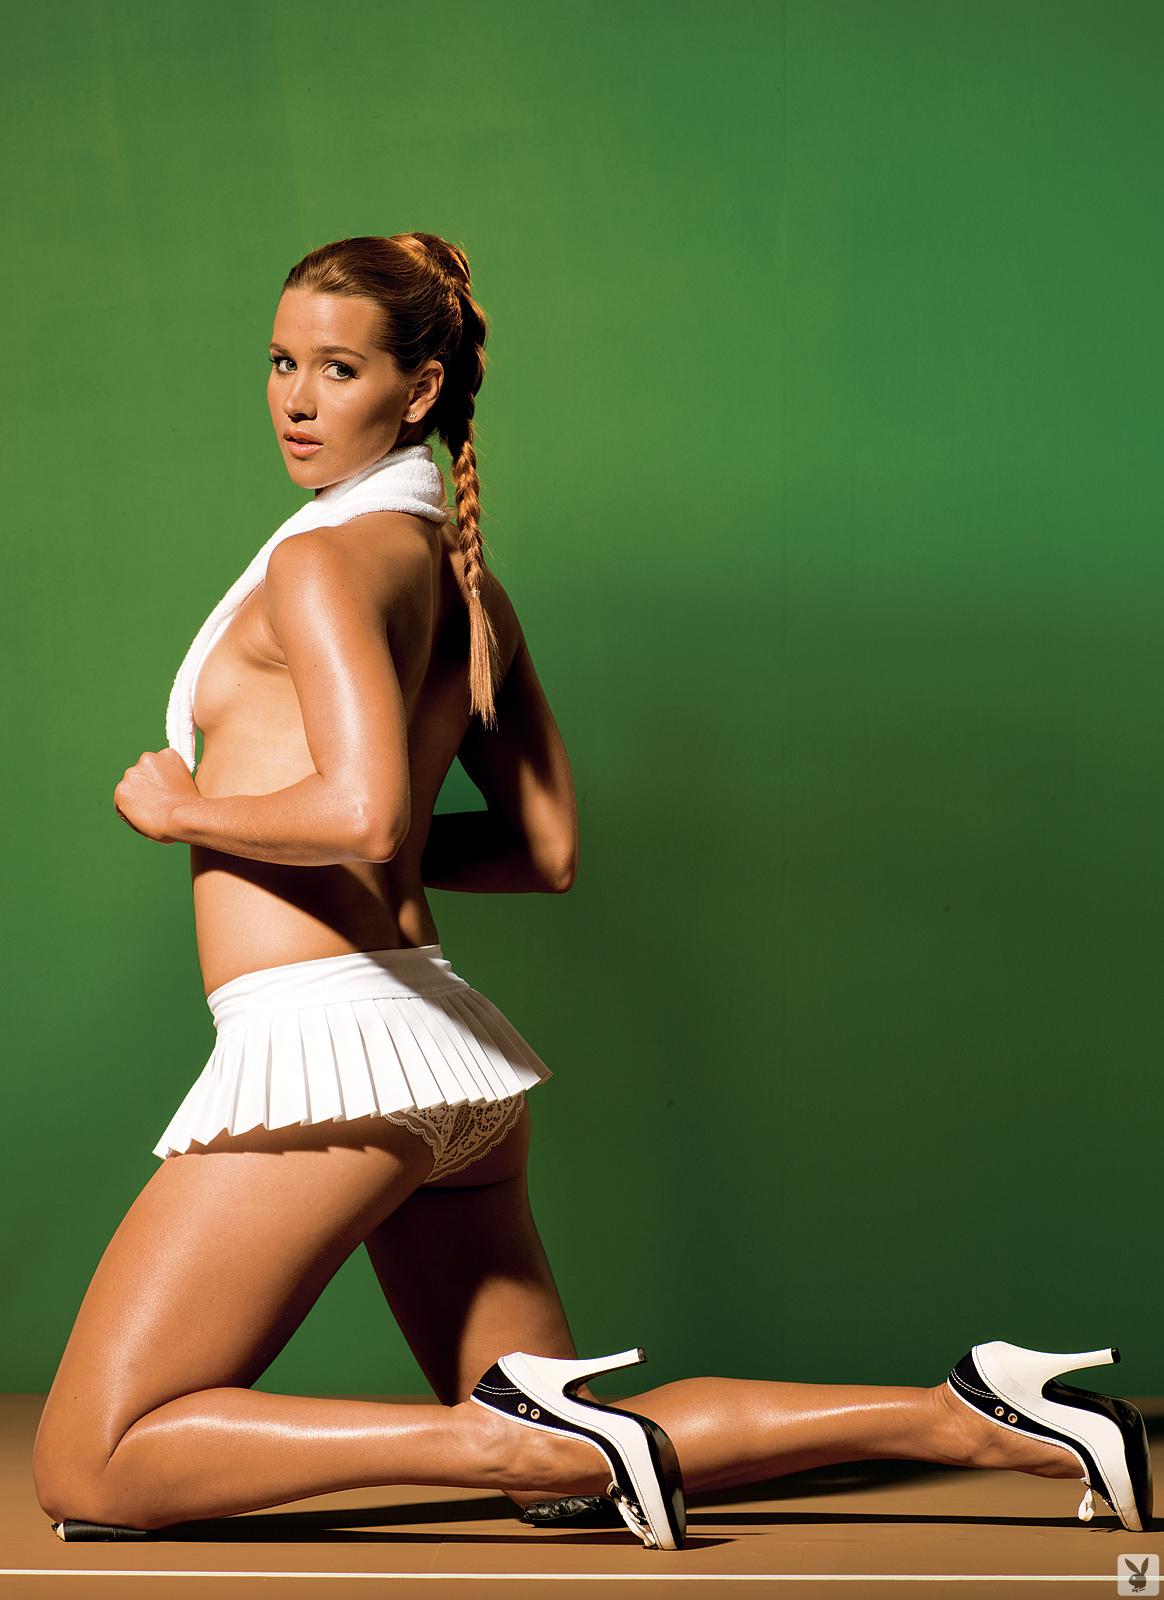 Сексуальные картинки теннисисток 21 фотография